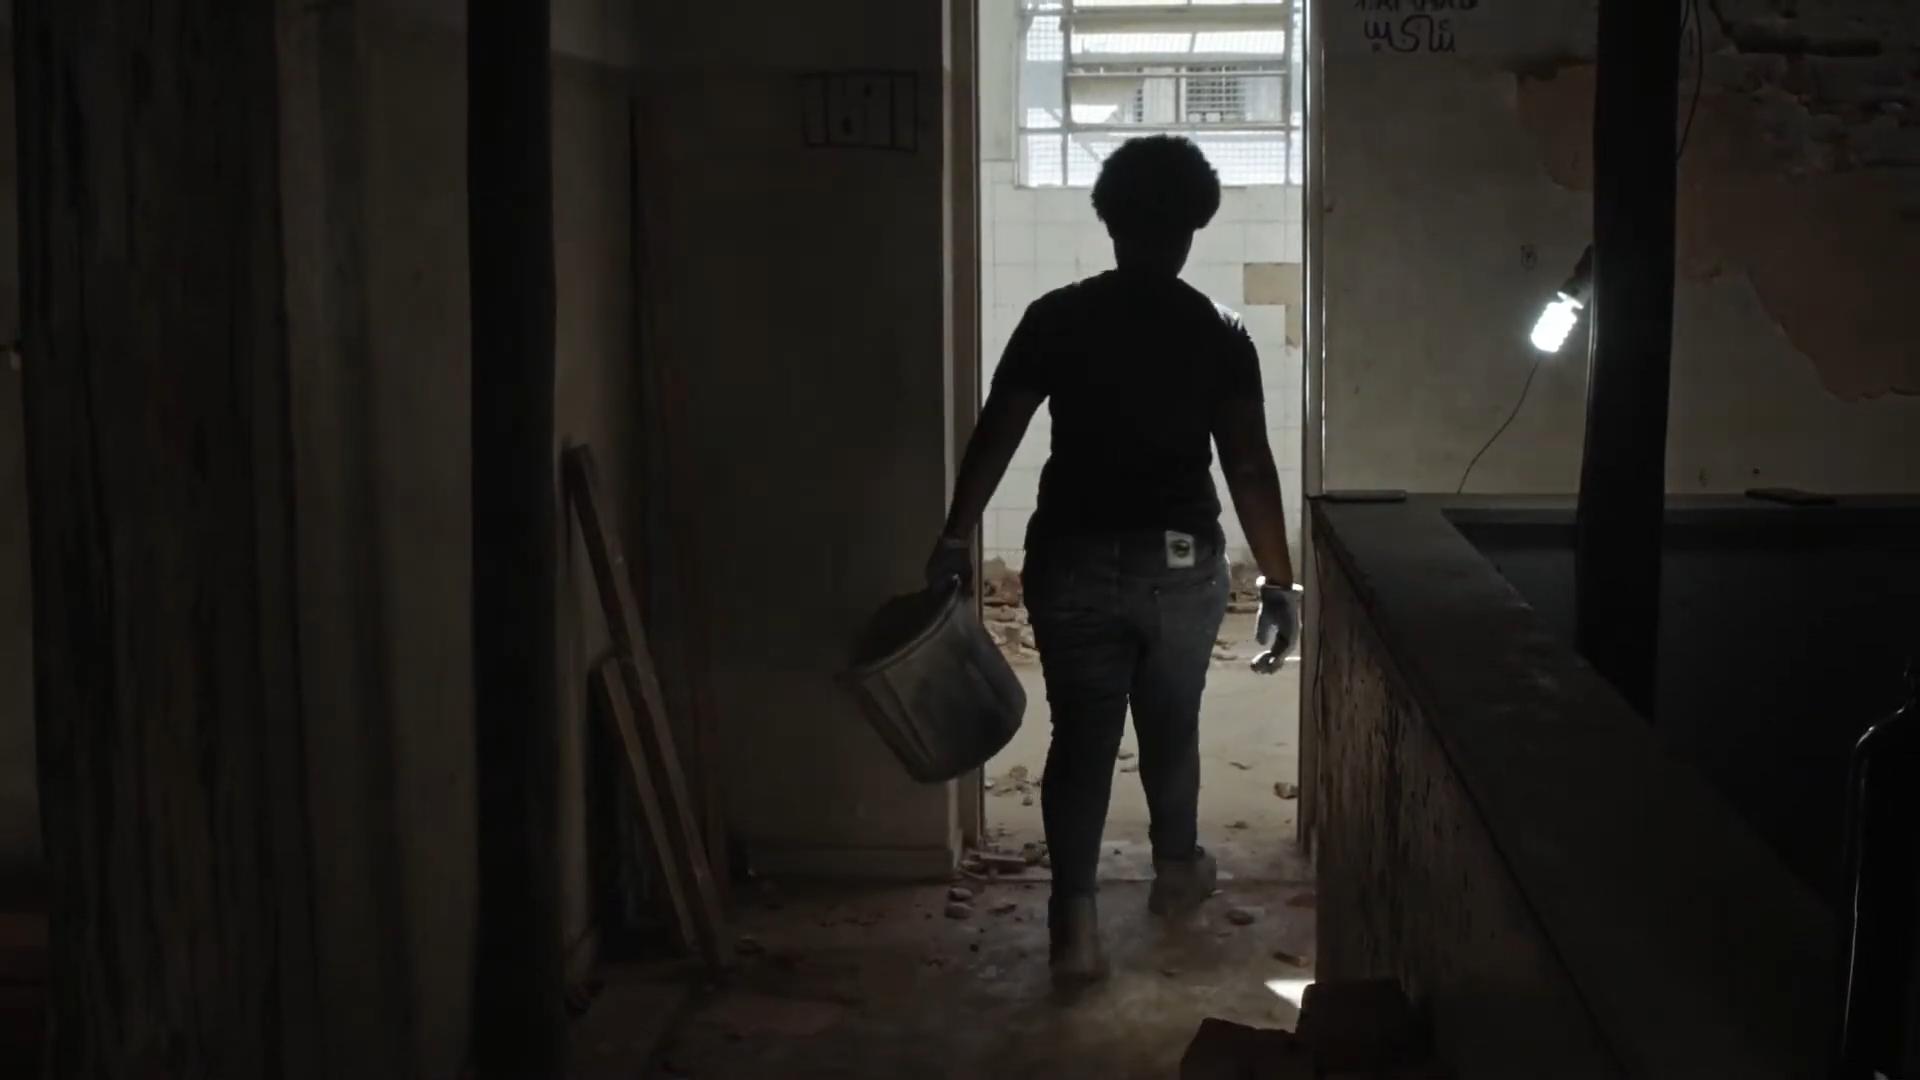 Cena do curta Obreiras. Fotografia em paisagem. Imagem de um canteiro de obras escuro. A única fonte de luz é uma porta, que abre para um espaço claro, e uma lâmpada acesa no escuro. Uma das protagonistas anda pela porta, segurando um balde.